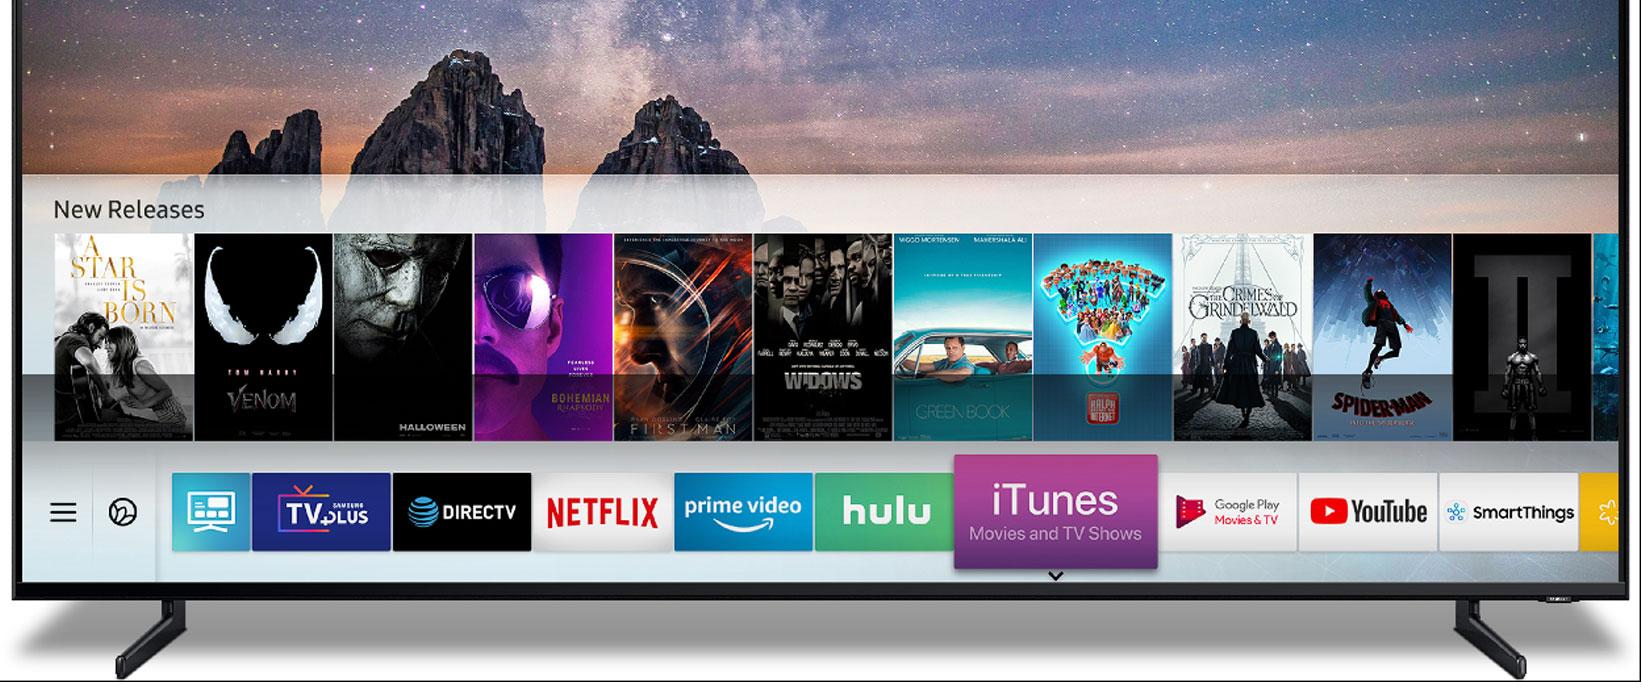 iTunes alkalmazással bővül az új Samsung Smart TV-k kínálata